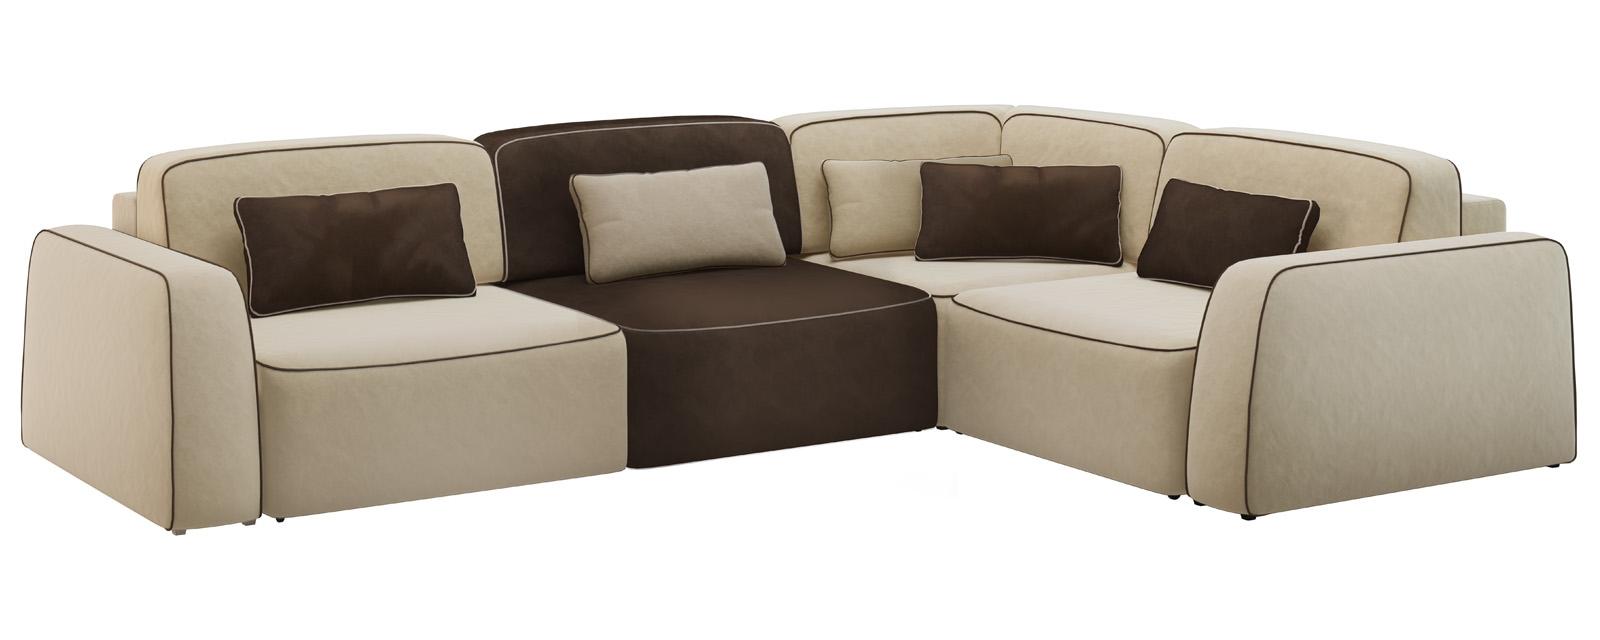 Модульный диван Портленд 350 см Вариант №3 Velure бежевый/темно-коричневый (Велюр)